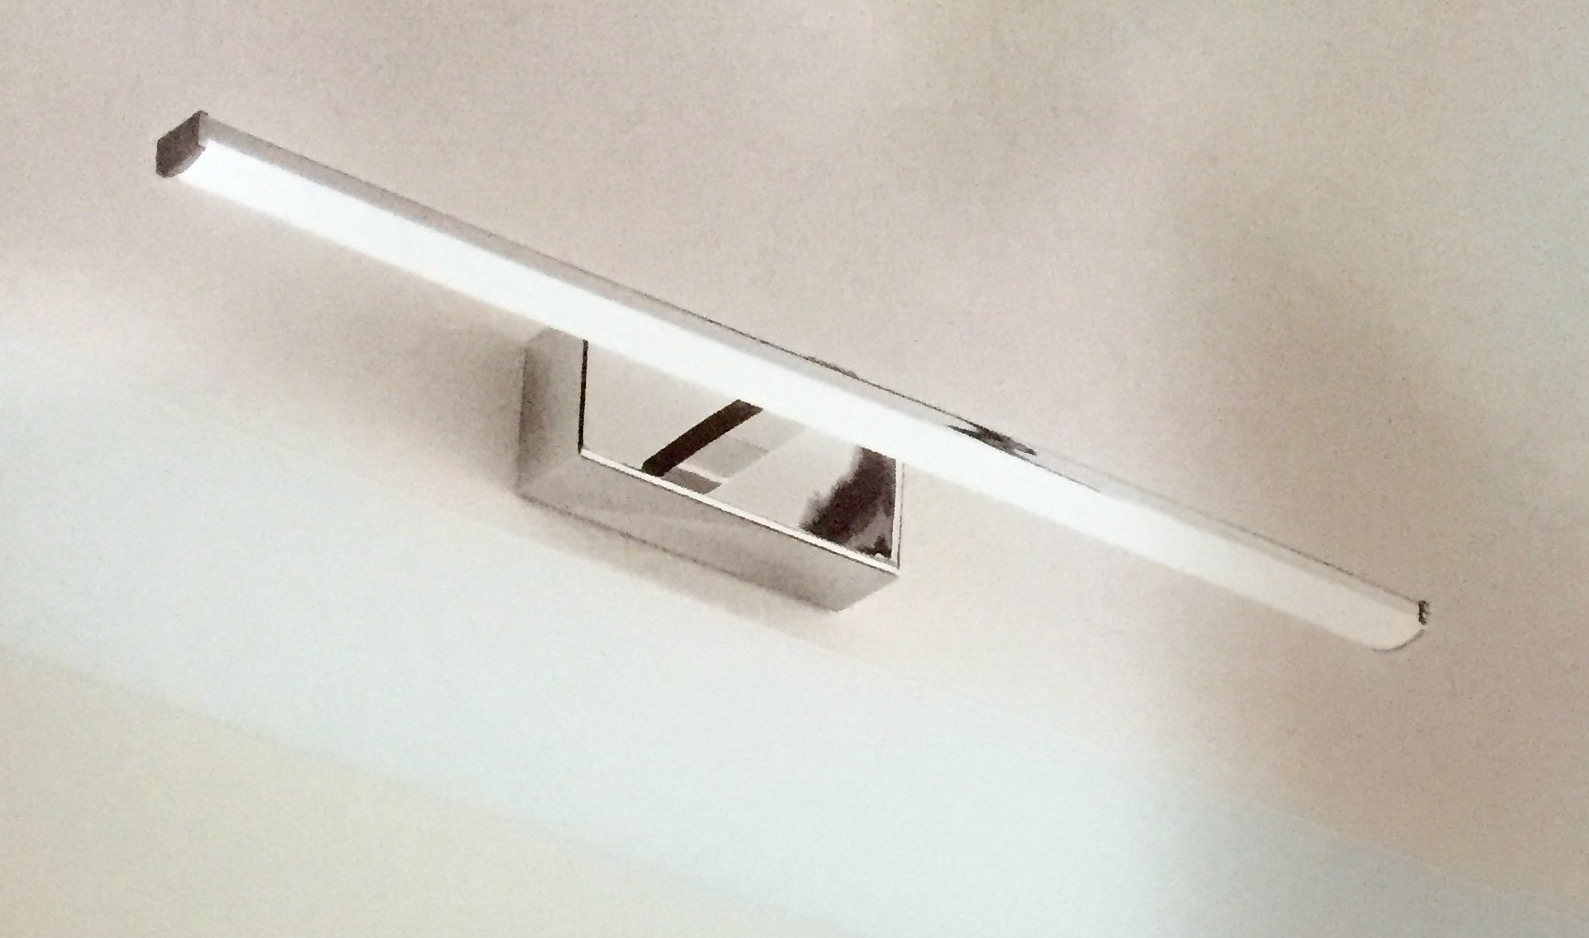 Vasca Da Bagno Blocchi Cad : Vasca da bagno blocchi cad la migliore scelta di casa e interior